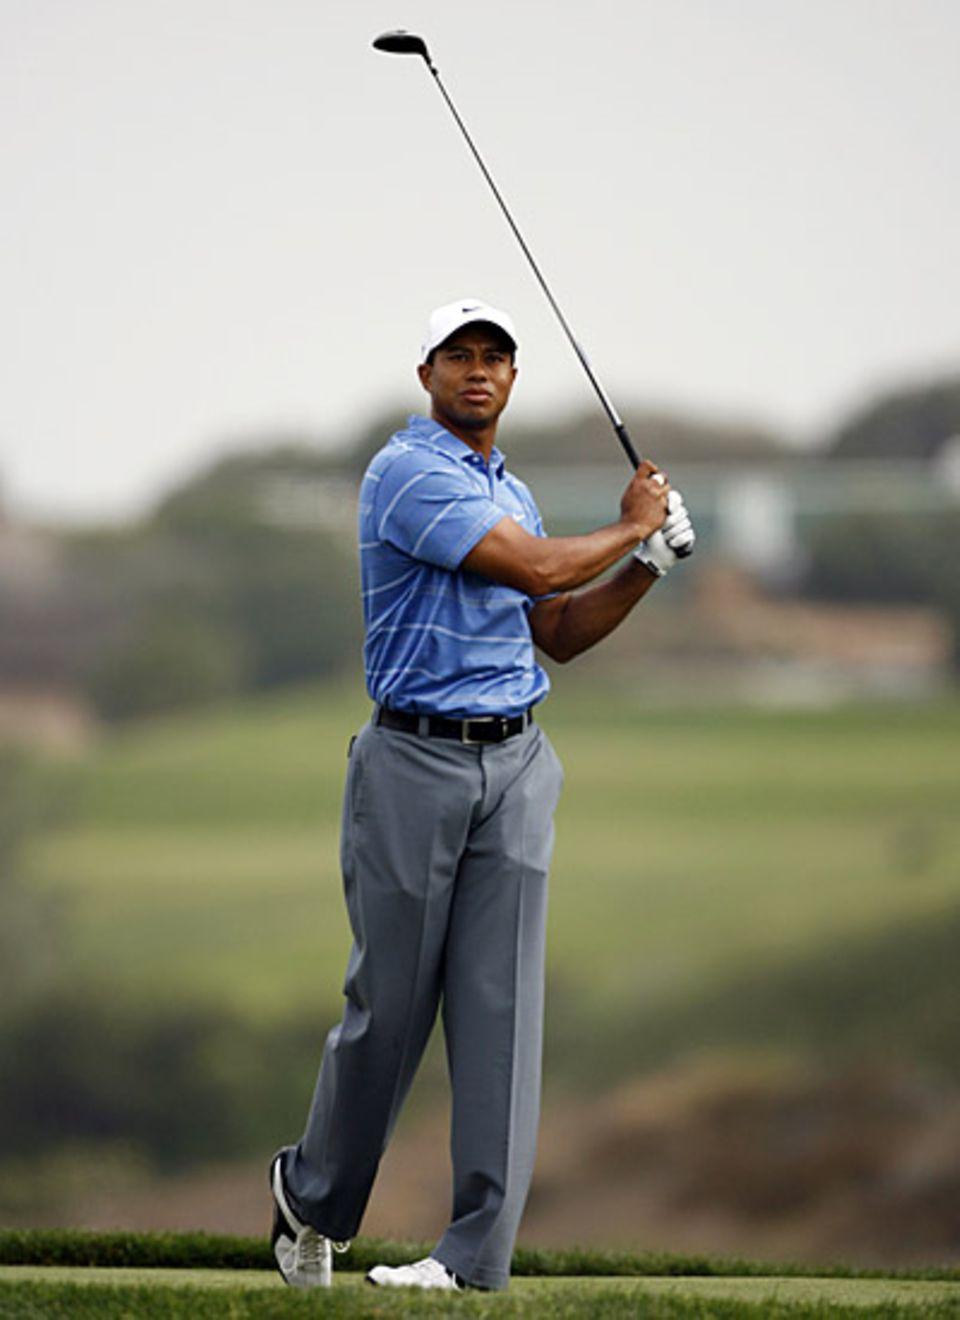 Tiger Woods, 32, US-amerikanischer Profigolfer, einer der erfolgreichsten Golfspieler der Sportgeschichte